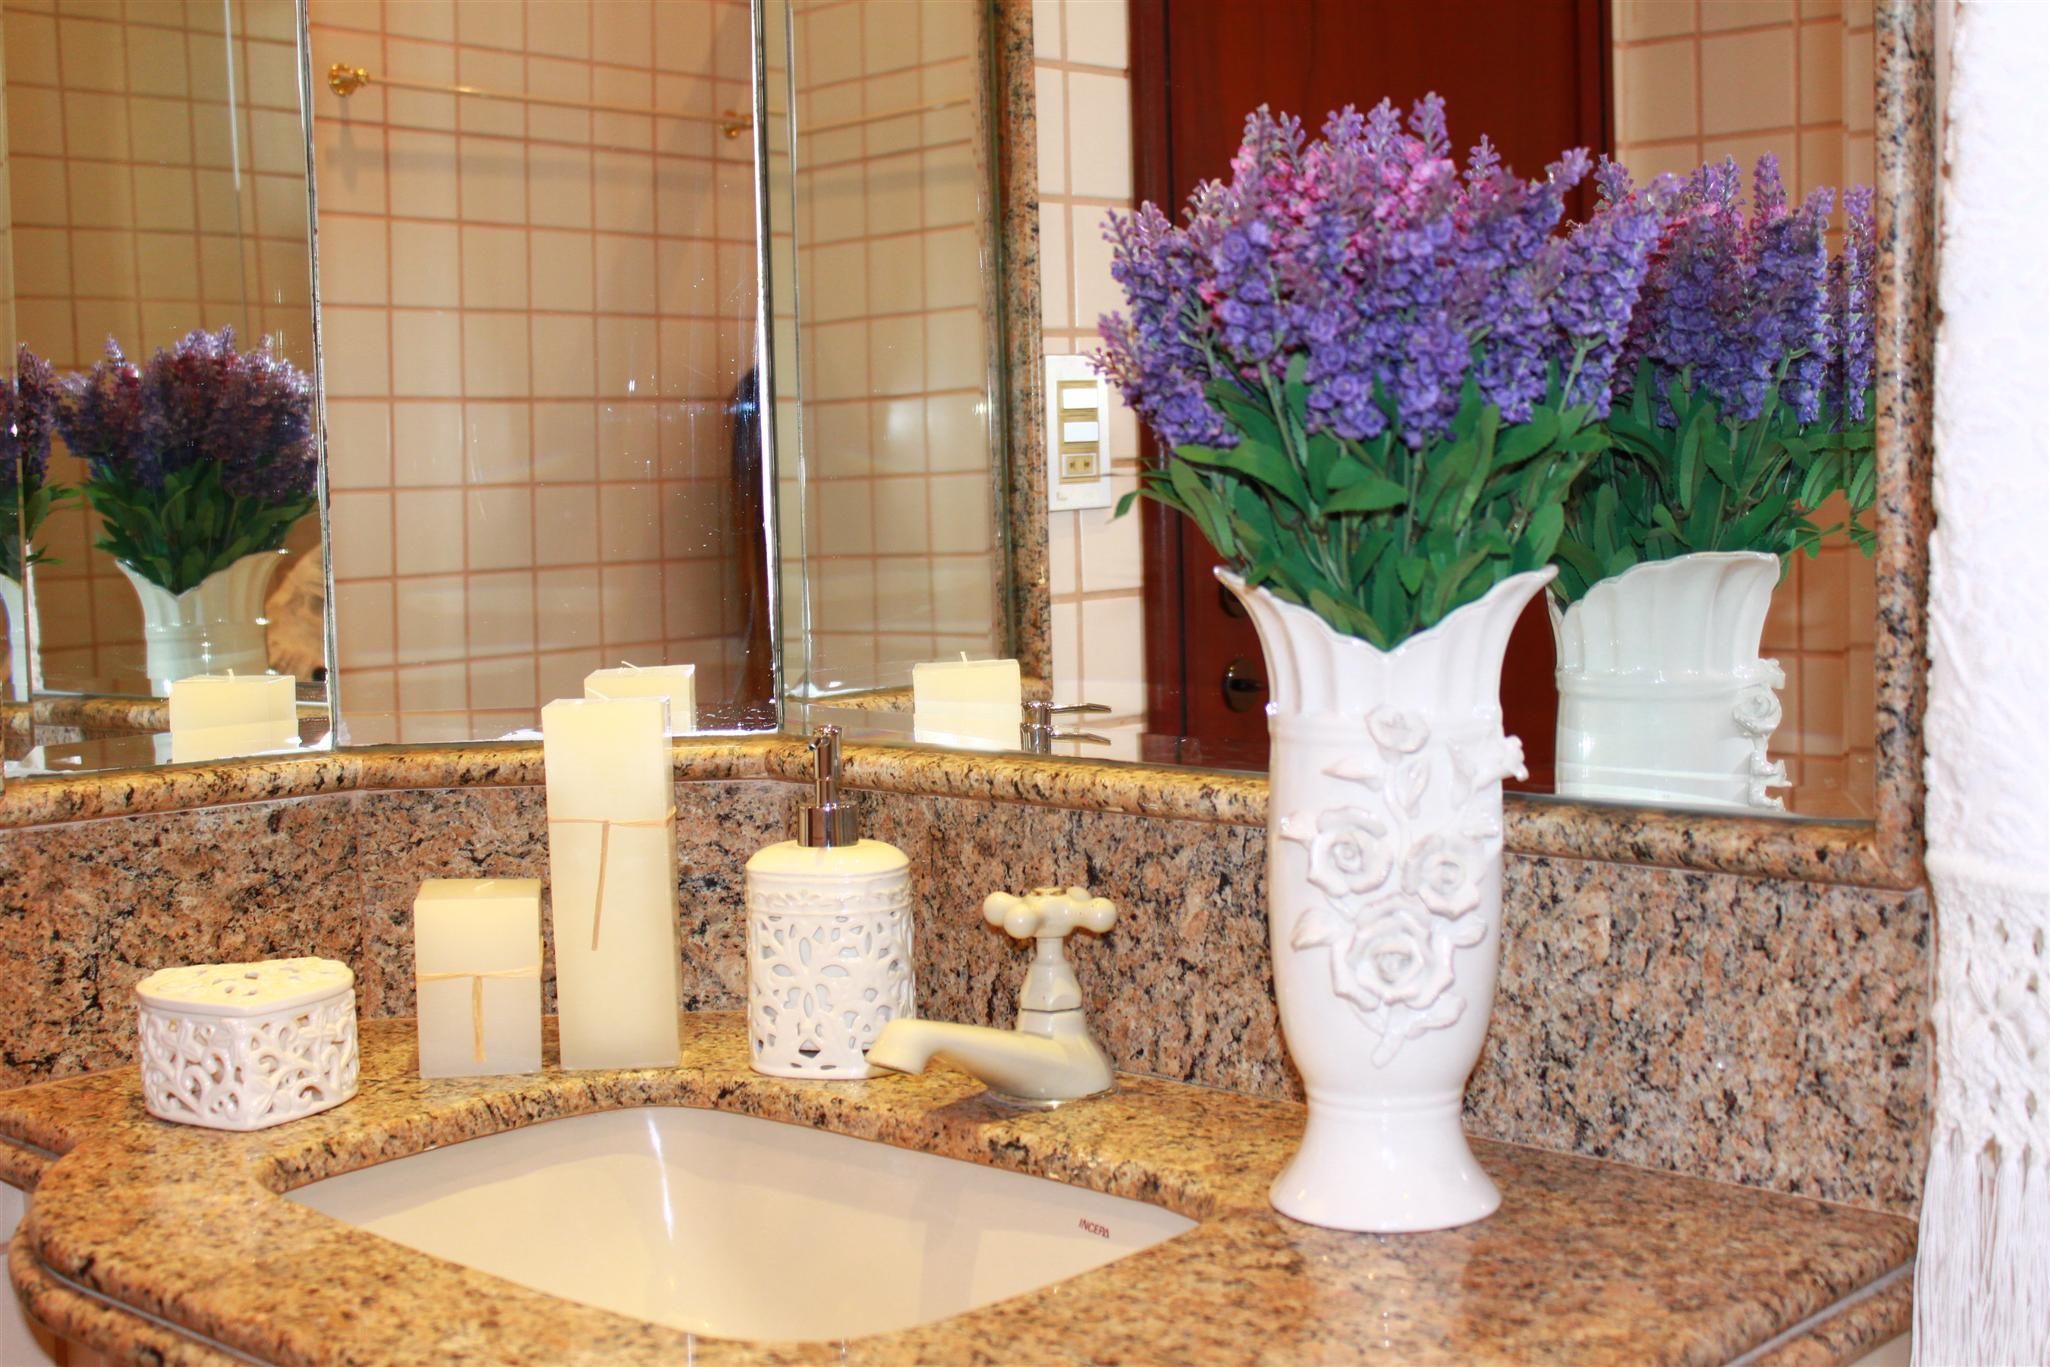 decoracao no lavabo:Peças em provençal, decoração lavabo, plantações de lavanda